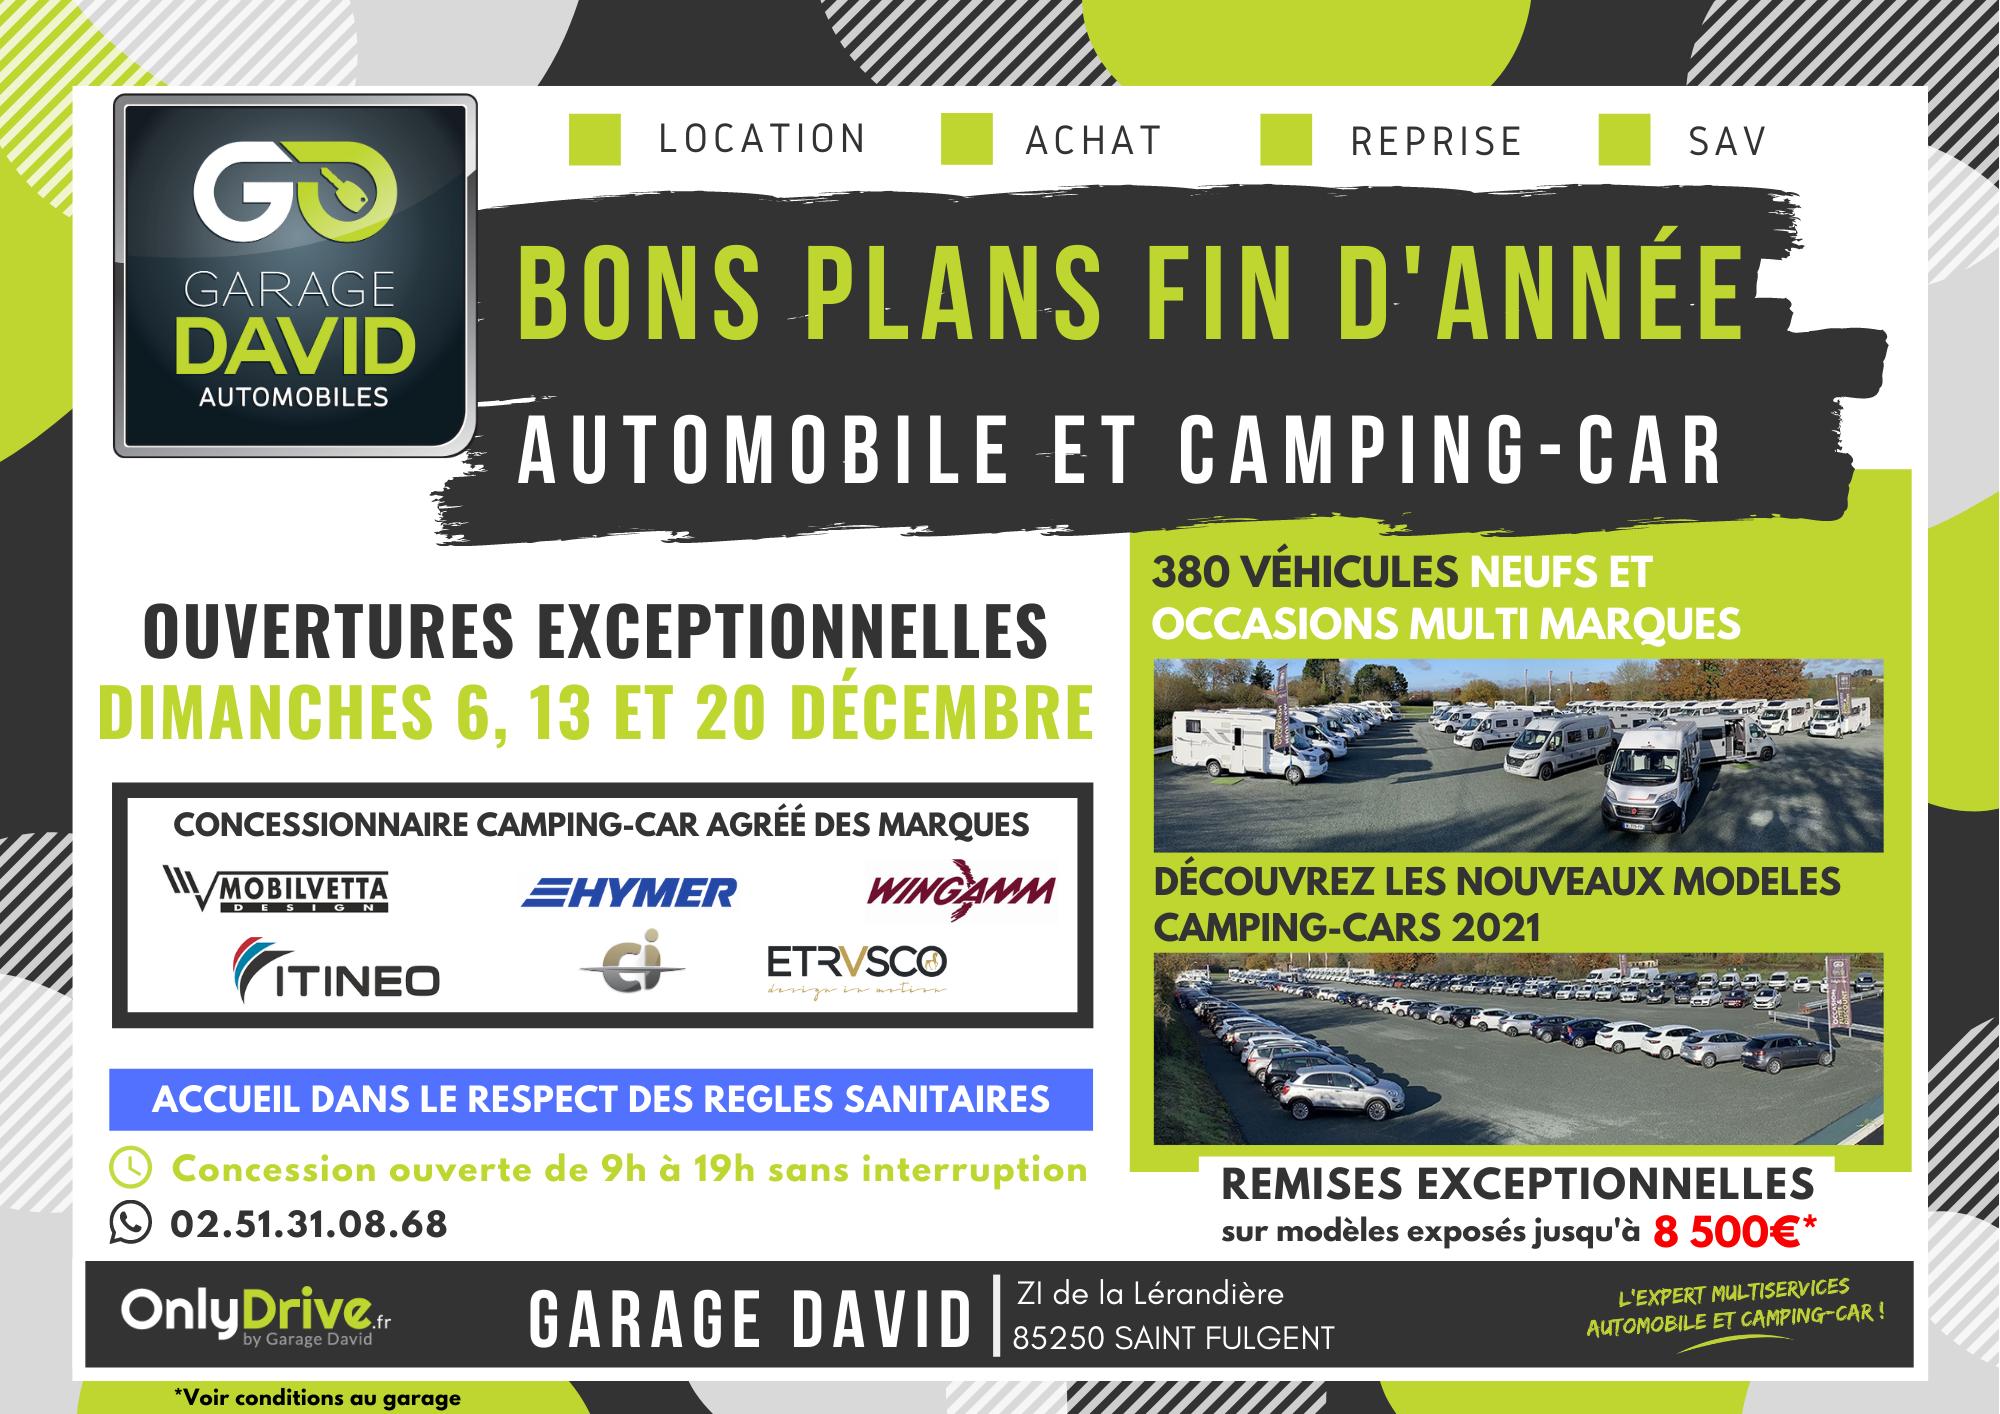 Profitez les bons plans auto et camping-car  sur cette fin d'année 2020 avec des remises exceptionnelles jusqu'à 8 500 €*